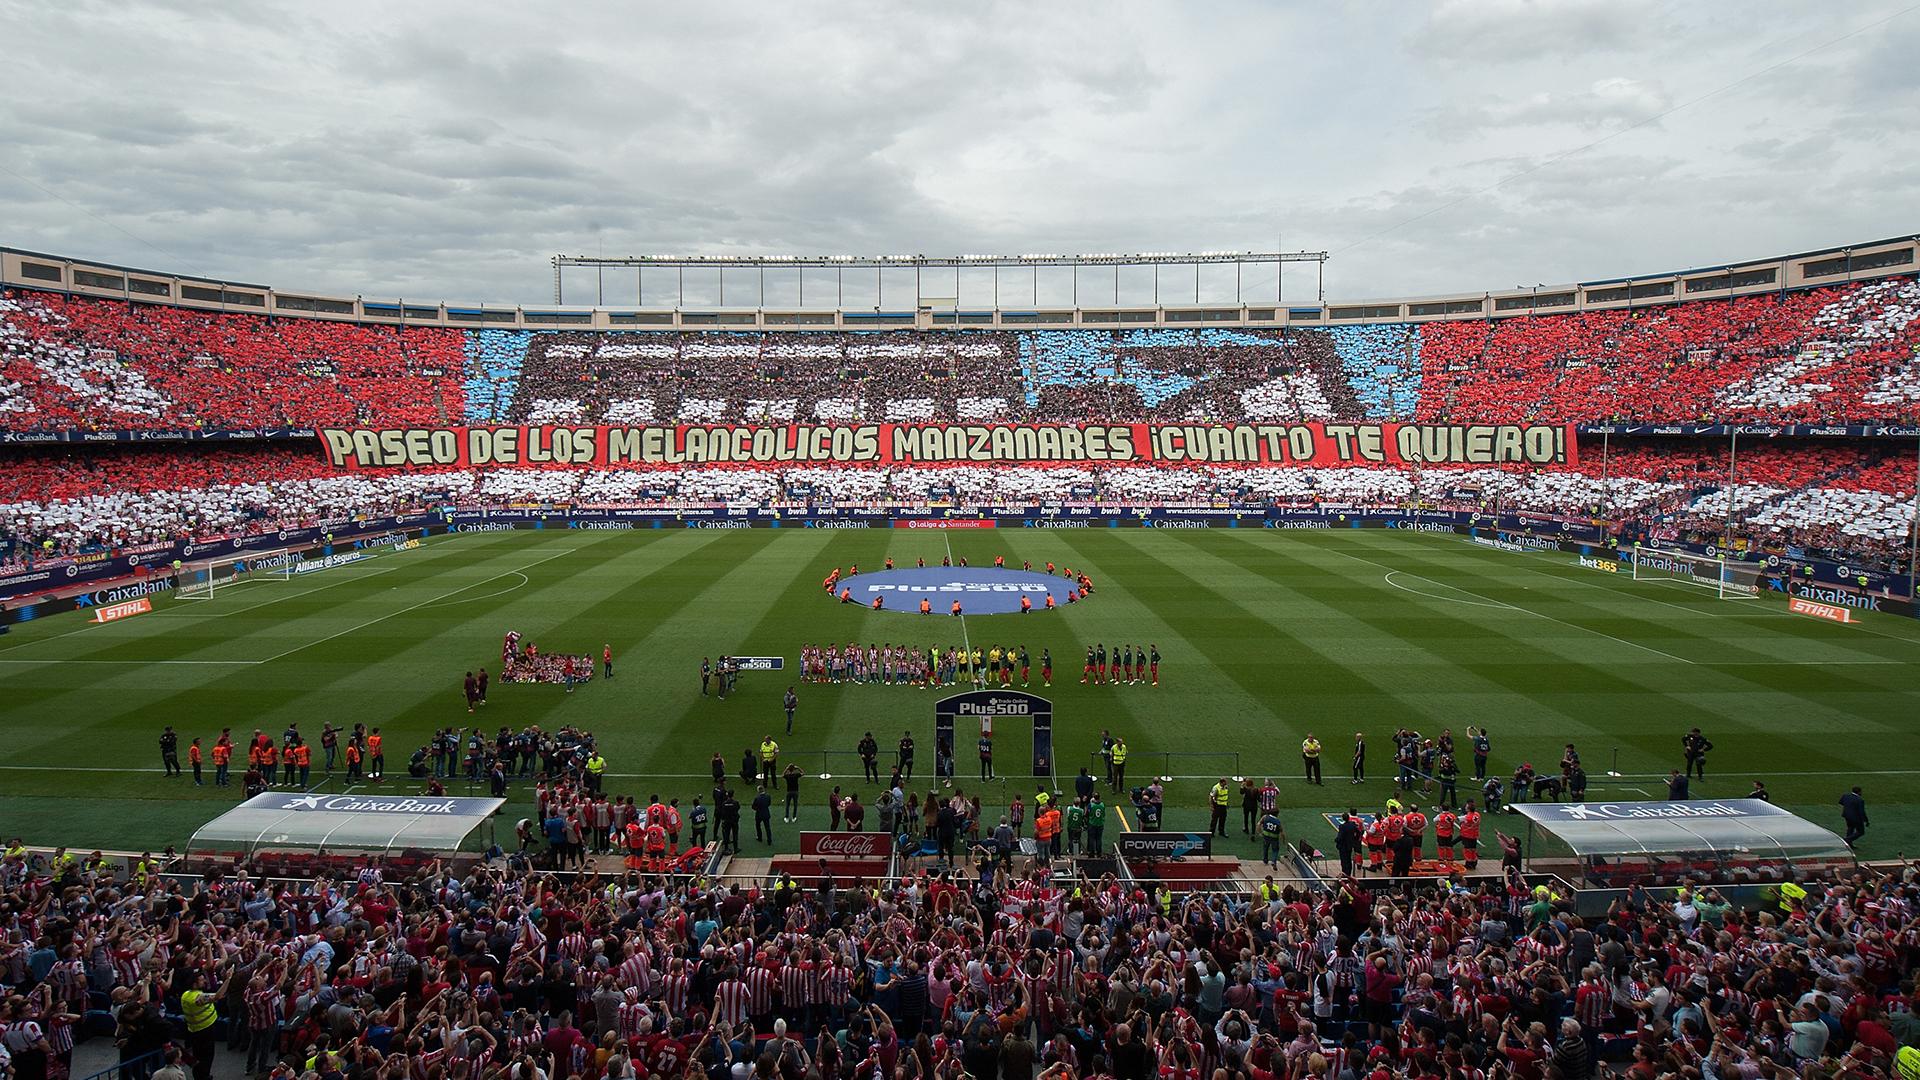 Vincente Calderon Atletico Madrid